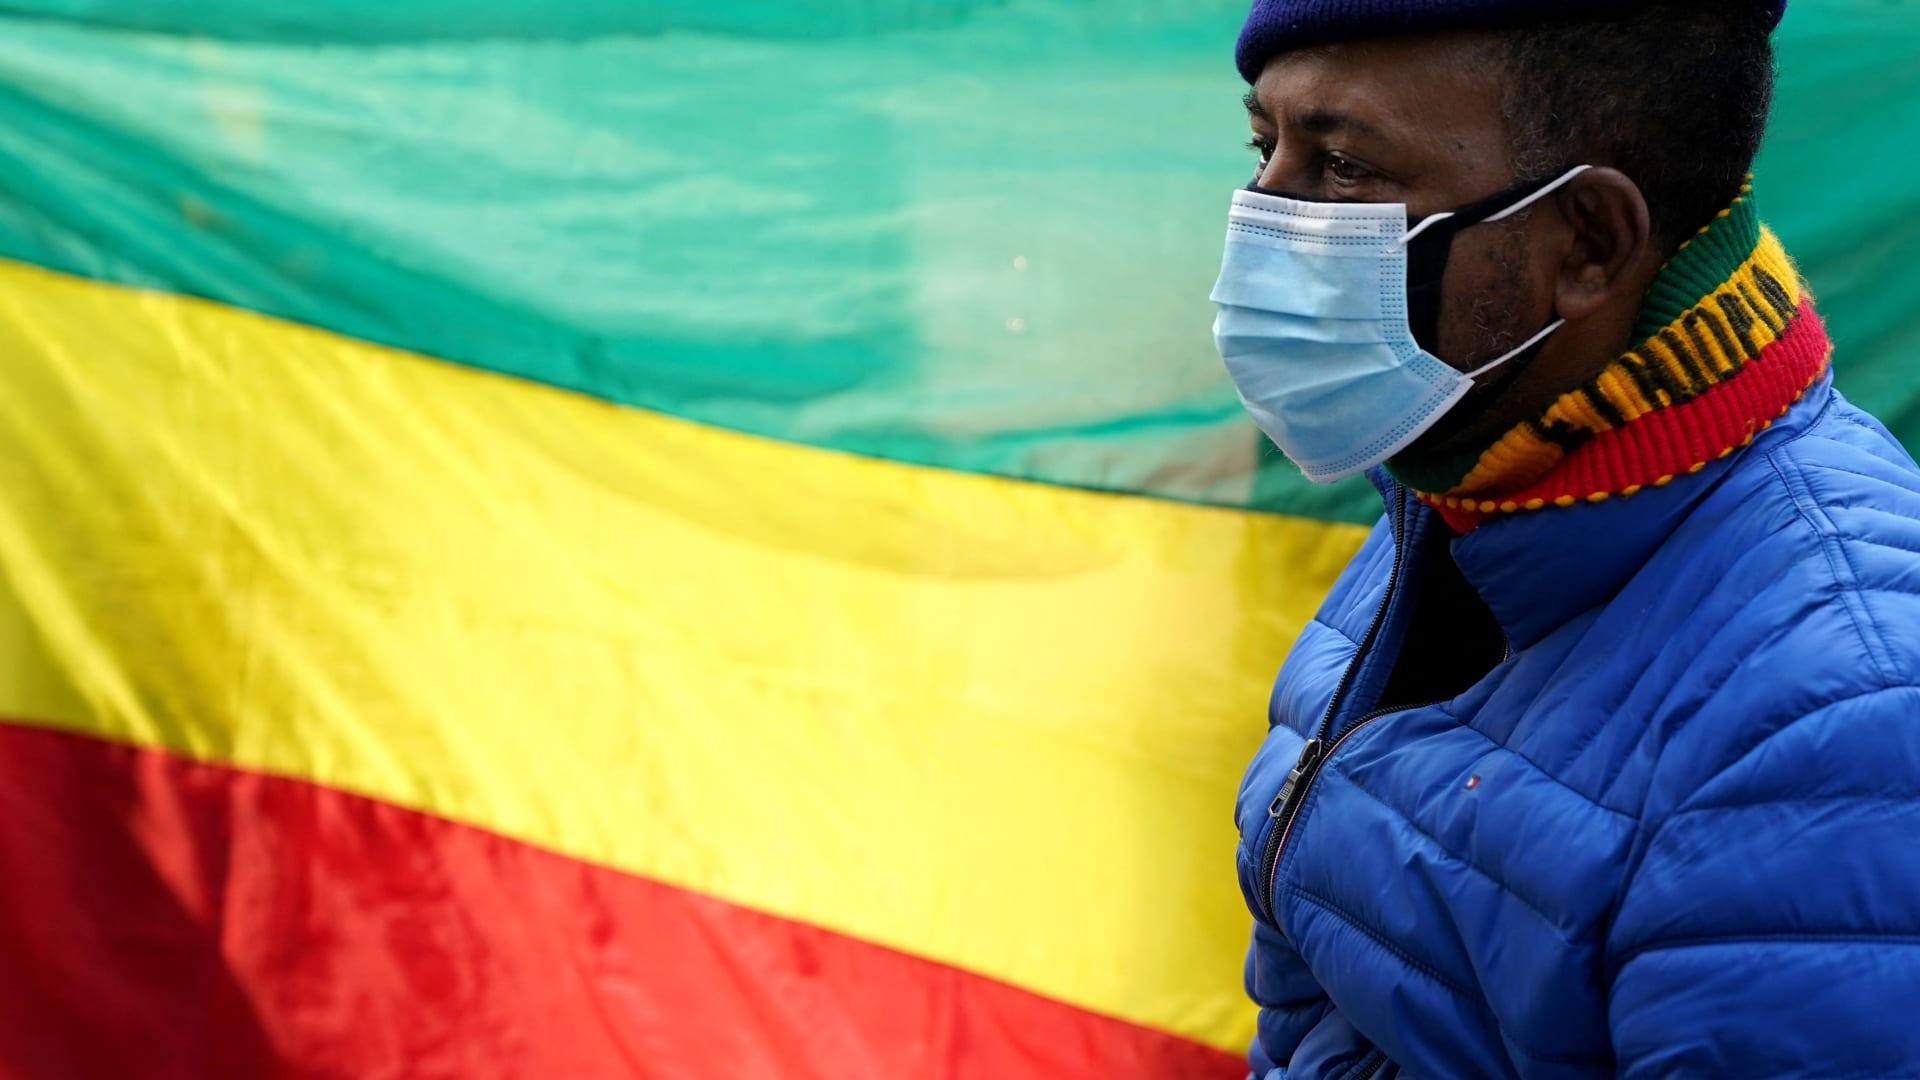 """سد النهضة: تحذير مصري من احتقان محتمل.. والسودان يتهم إثيوبيا بـ""""شراء الوقت"""""""